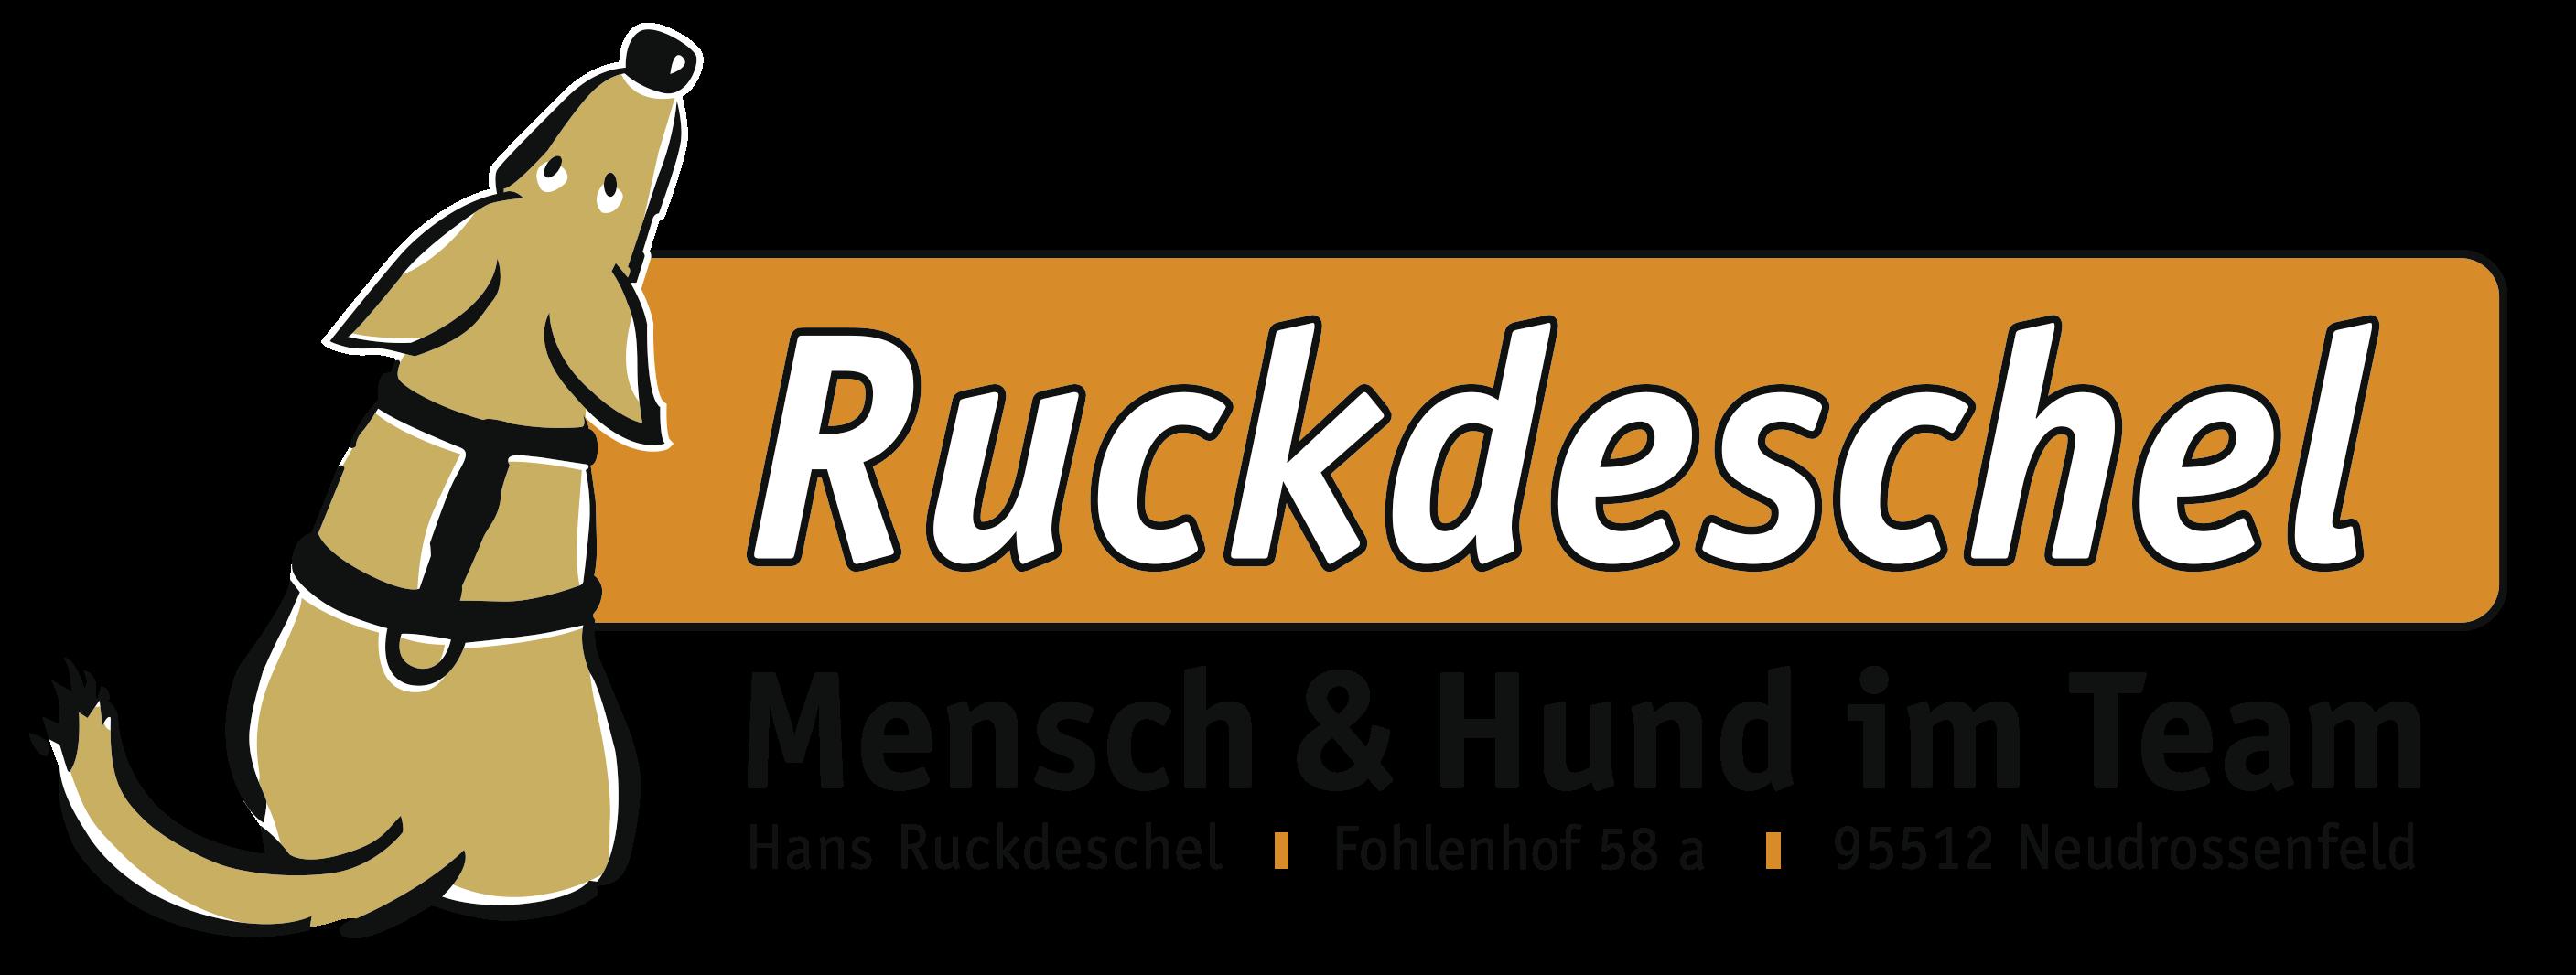 Hundeschule Ruckdeschel